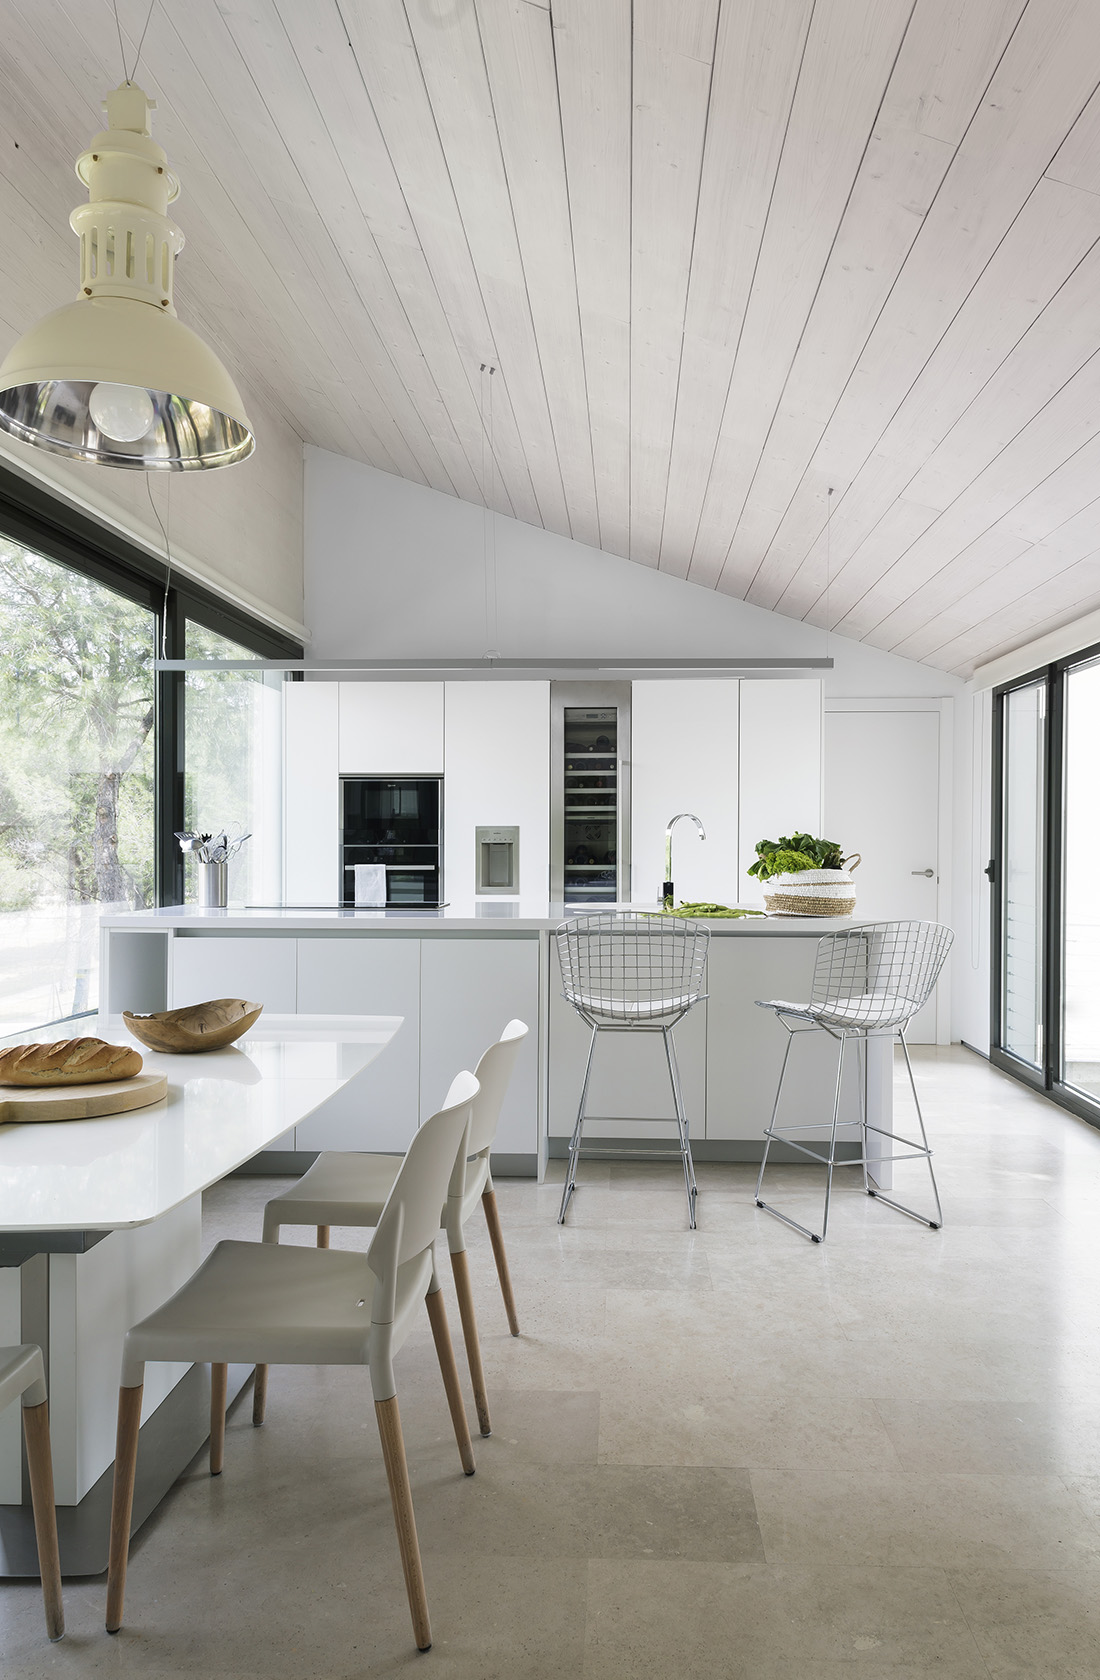 Cocina Casa XY, Arquitectura en madera